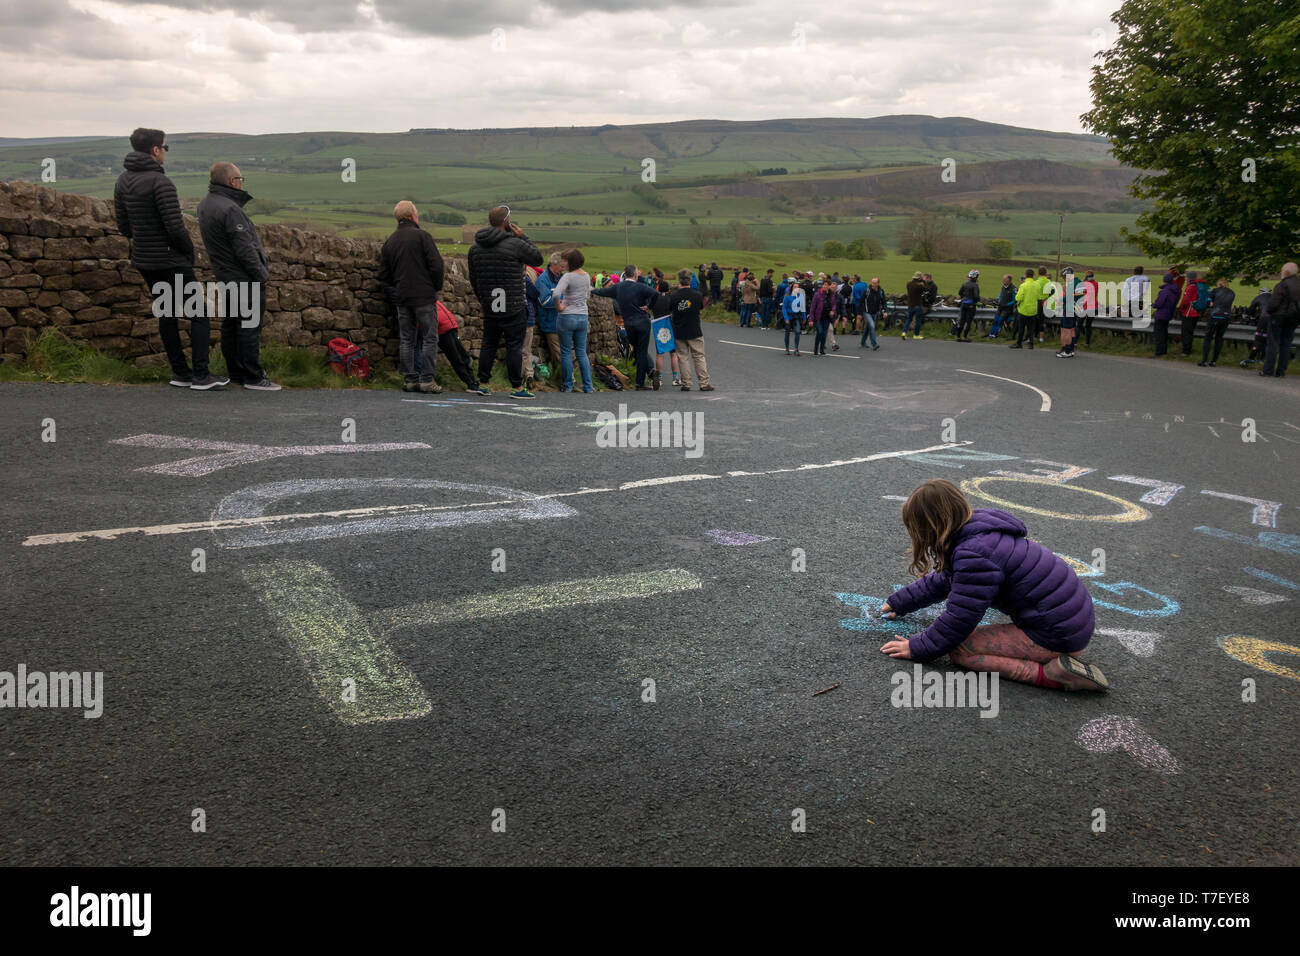 Regno Unito Sport: Cote de Barden Moor, Skipton North Yorkshire, Regno Unito. Il 5 maggio 2019. I bambini passano il tempo decorare le strade sulla fase 4 del Tour de Yorks Immagini Stock